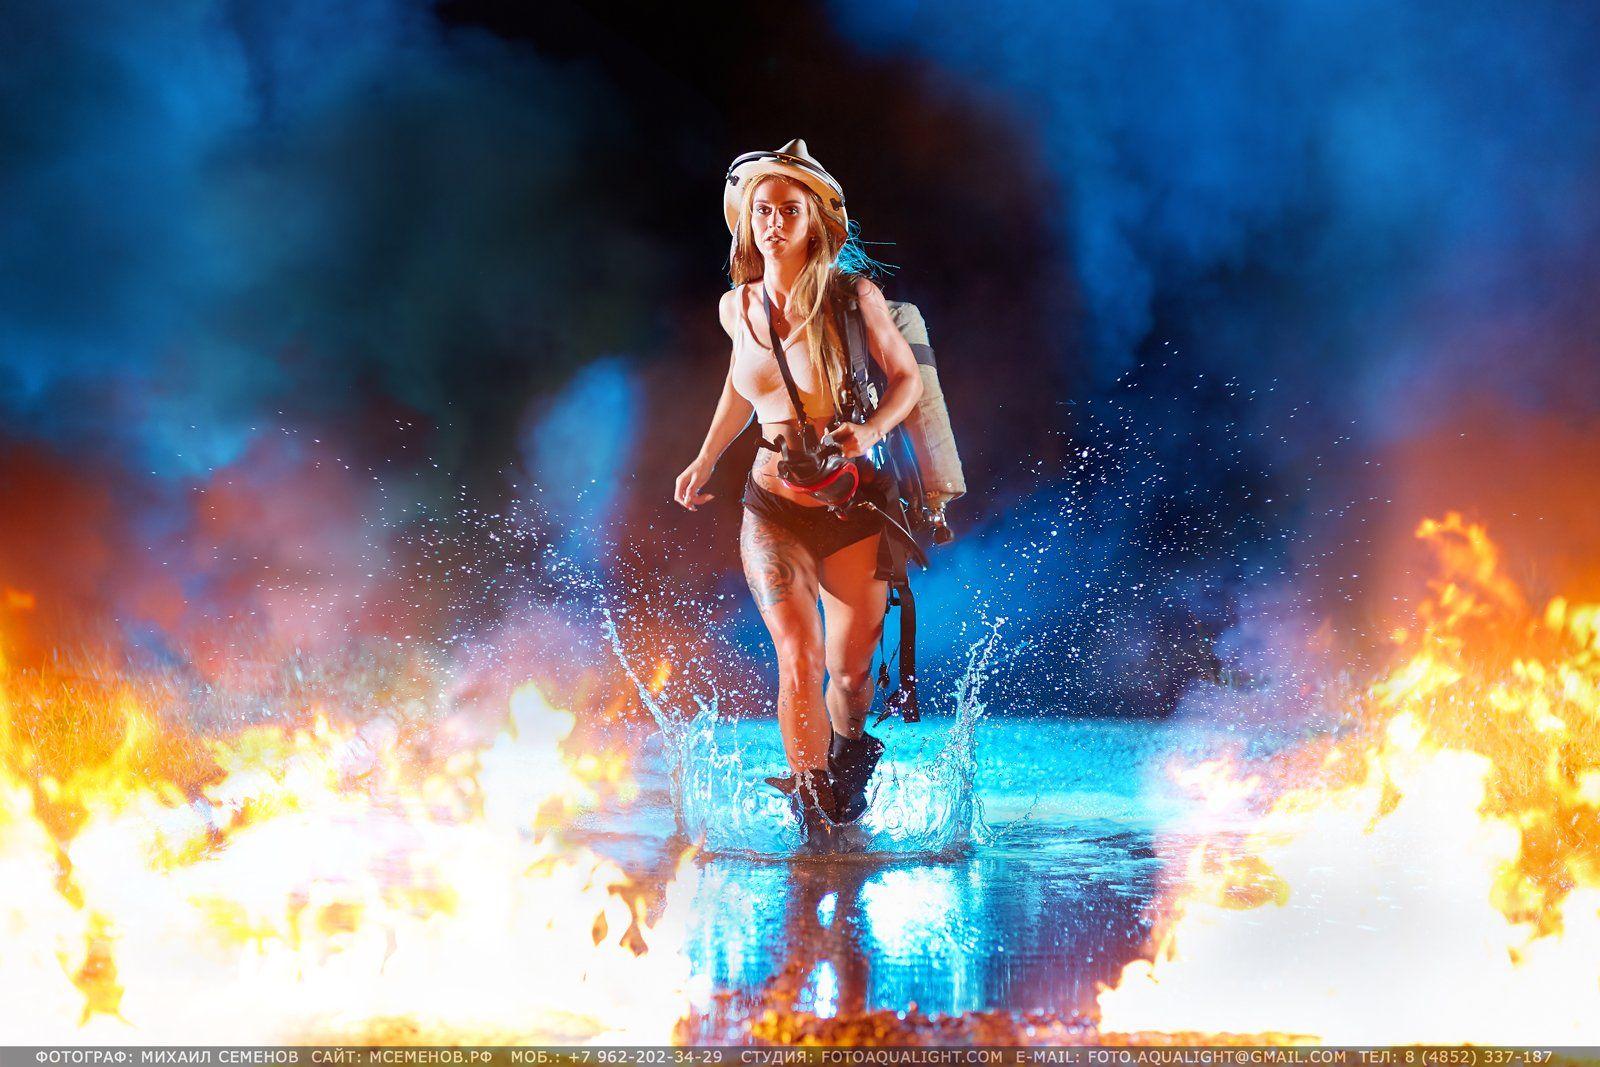 михаилсеменов, аквалайт, портрет, календарь, девушка, пожарный, модель, огнетушитель, огонь, вода, бежит, пламя, фаэкс, Михаил Семенов